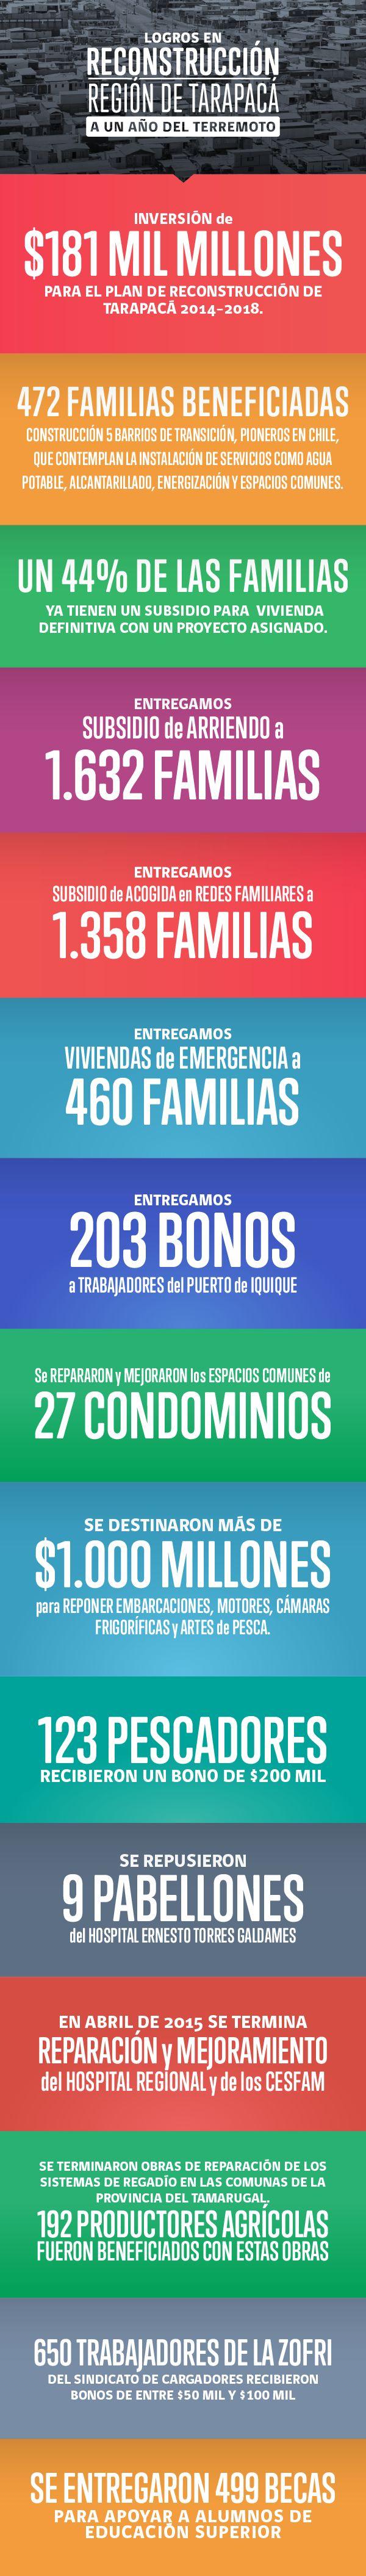 Los logros en Reconstrucción a un año del Terremoto en la Región de Tarapacá #MichelleBachelet #Chile